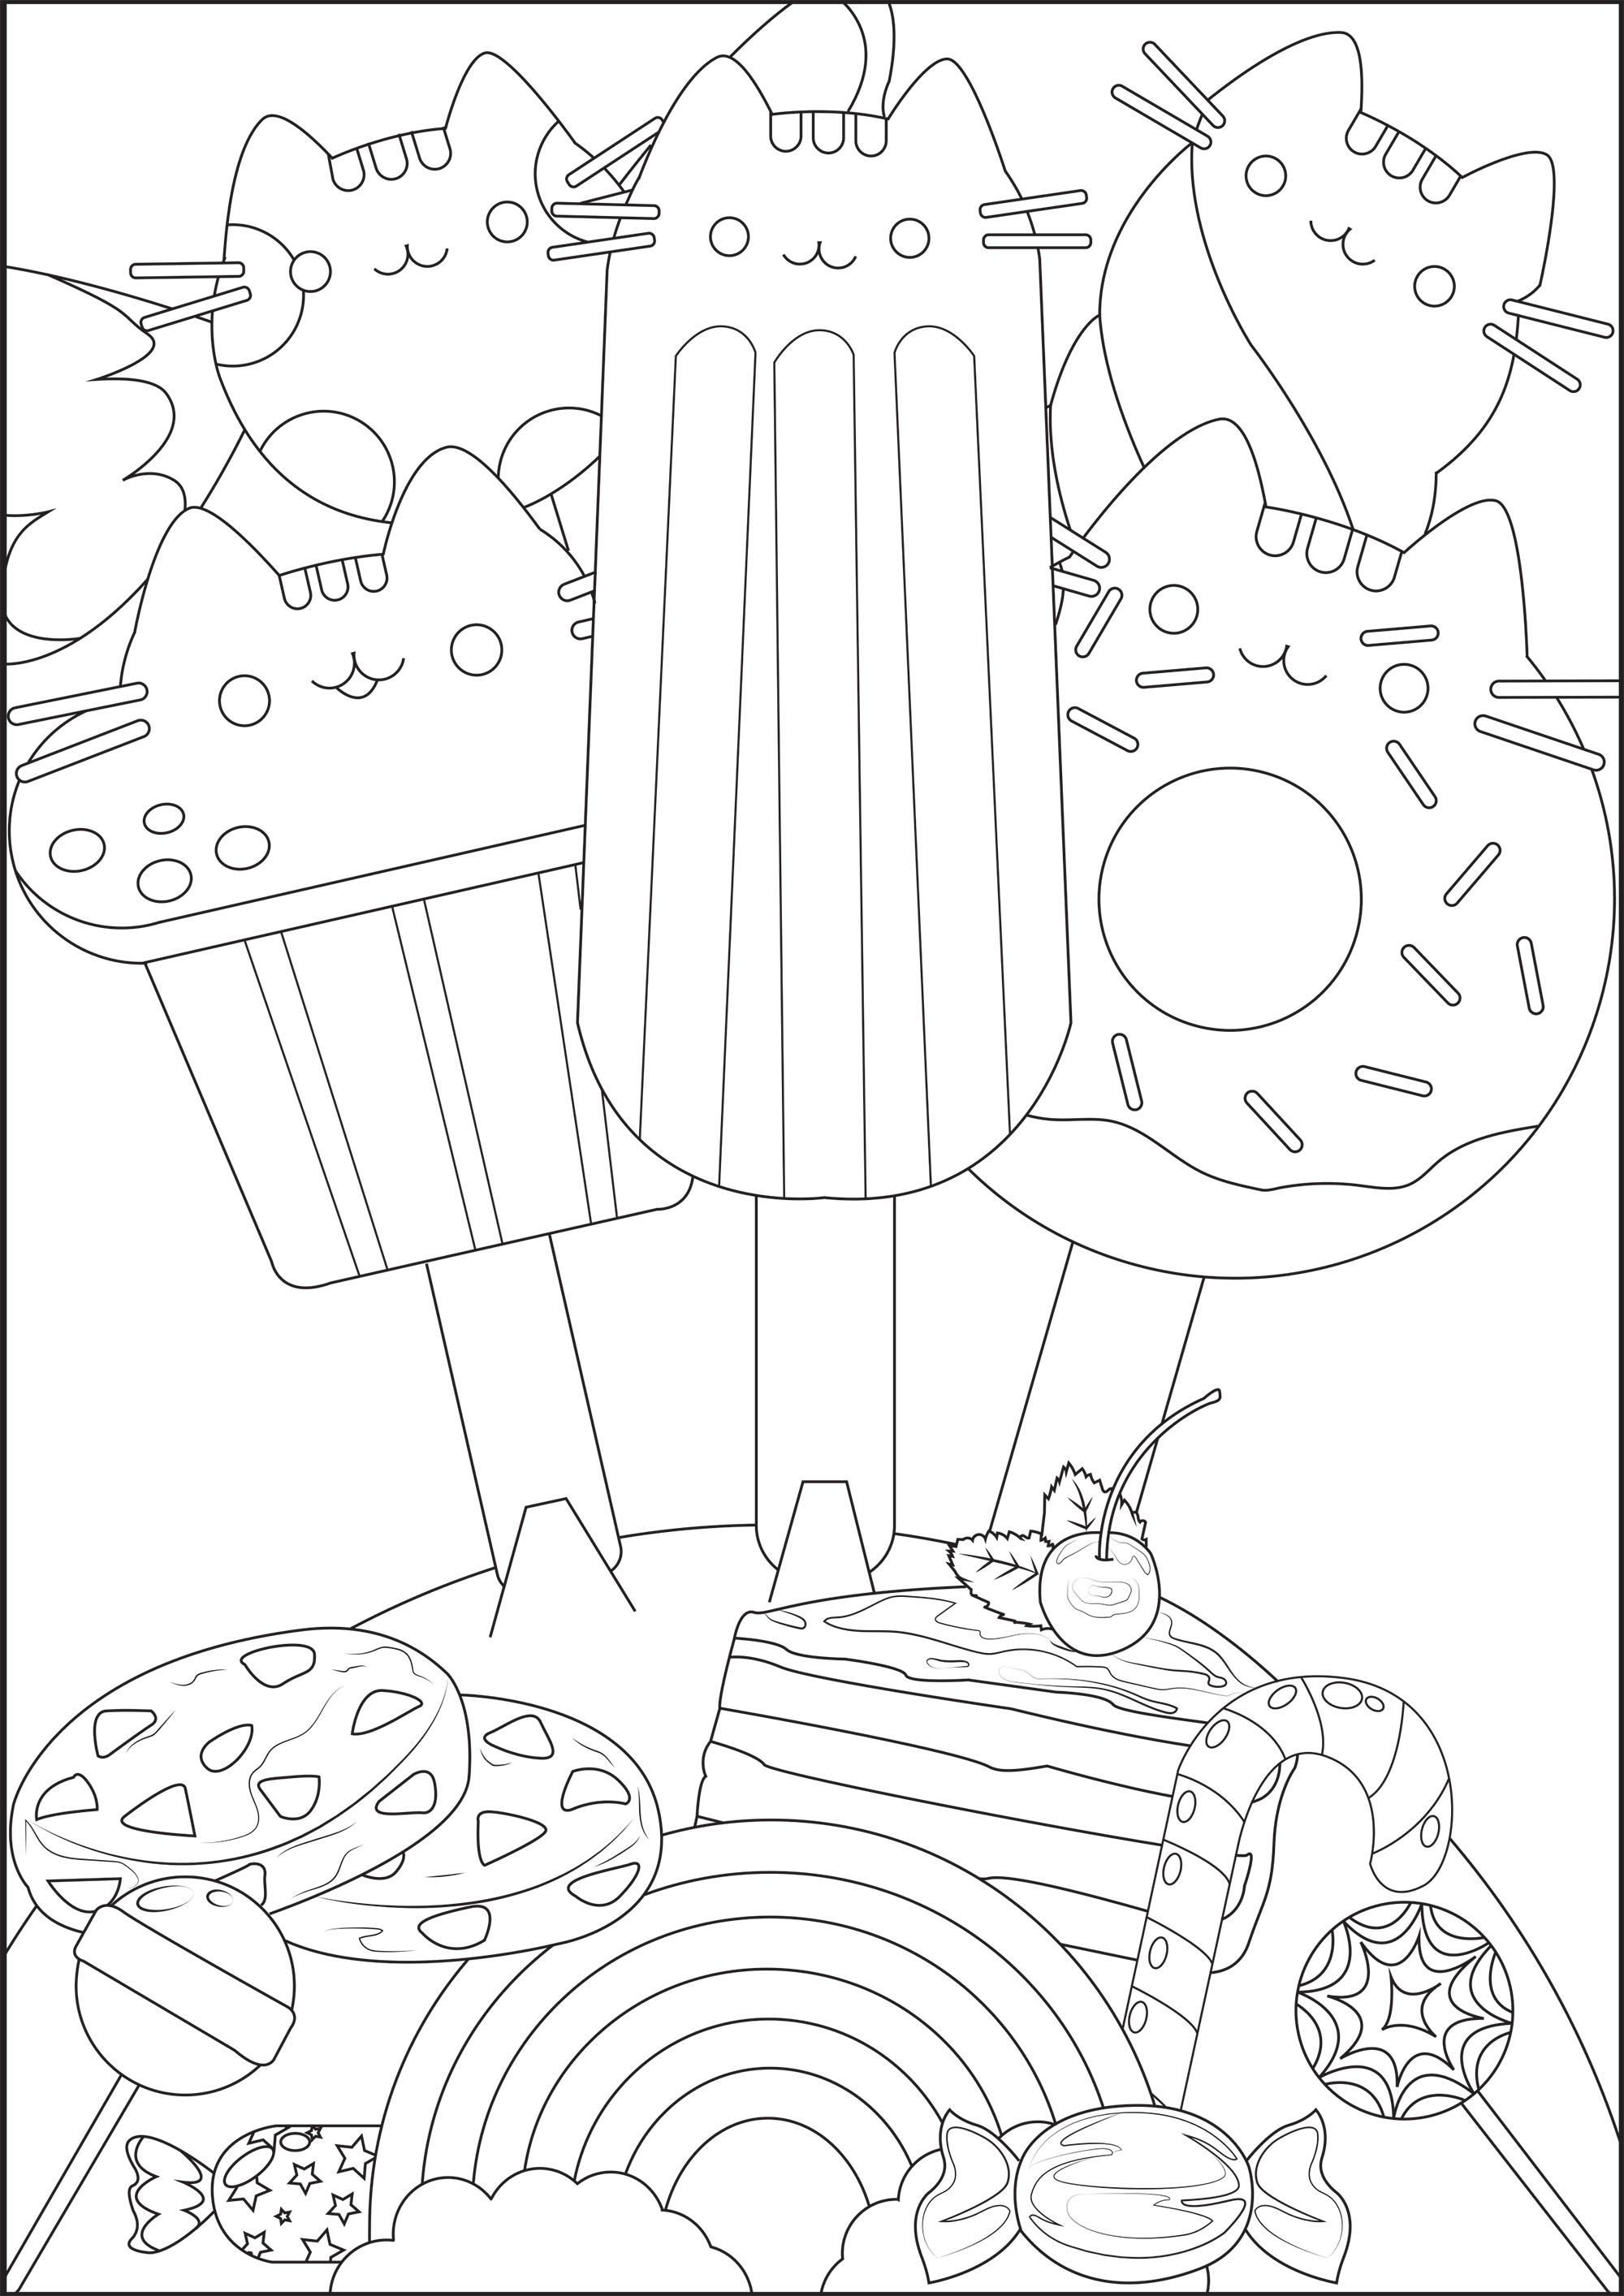 Doodle art doodling 87180 - Doodle art / Doodling - Malbuch Fur ...